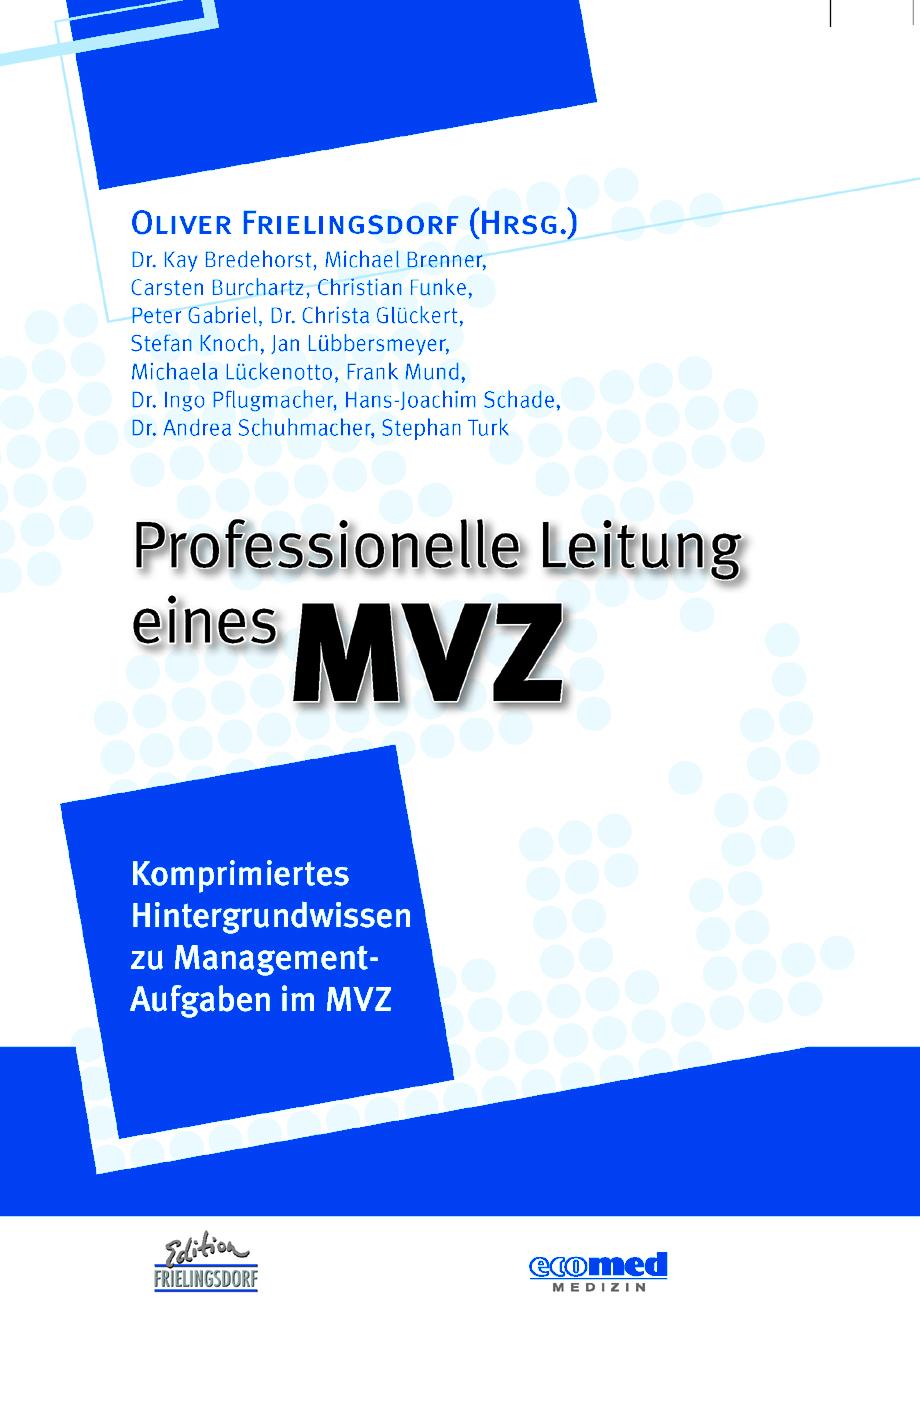 Professionelle-Leitung-eines-MVZ